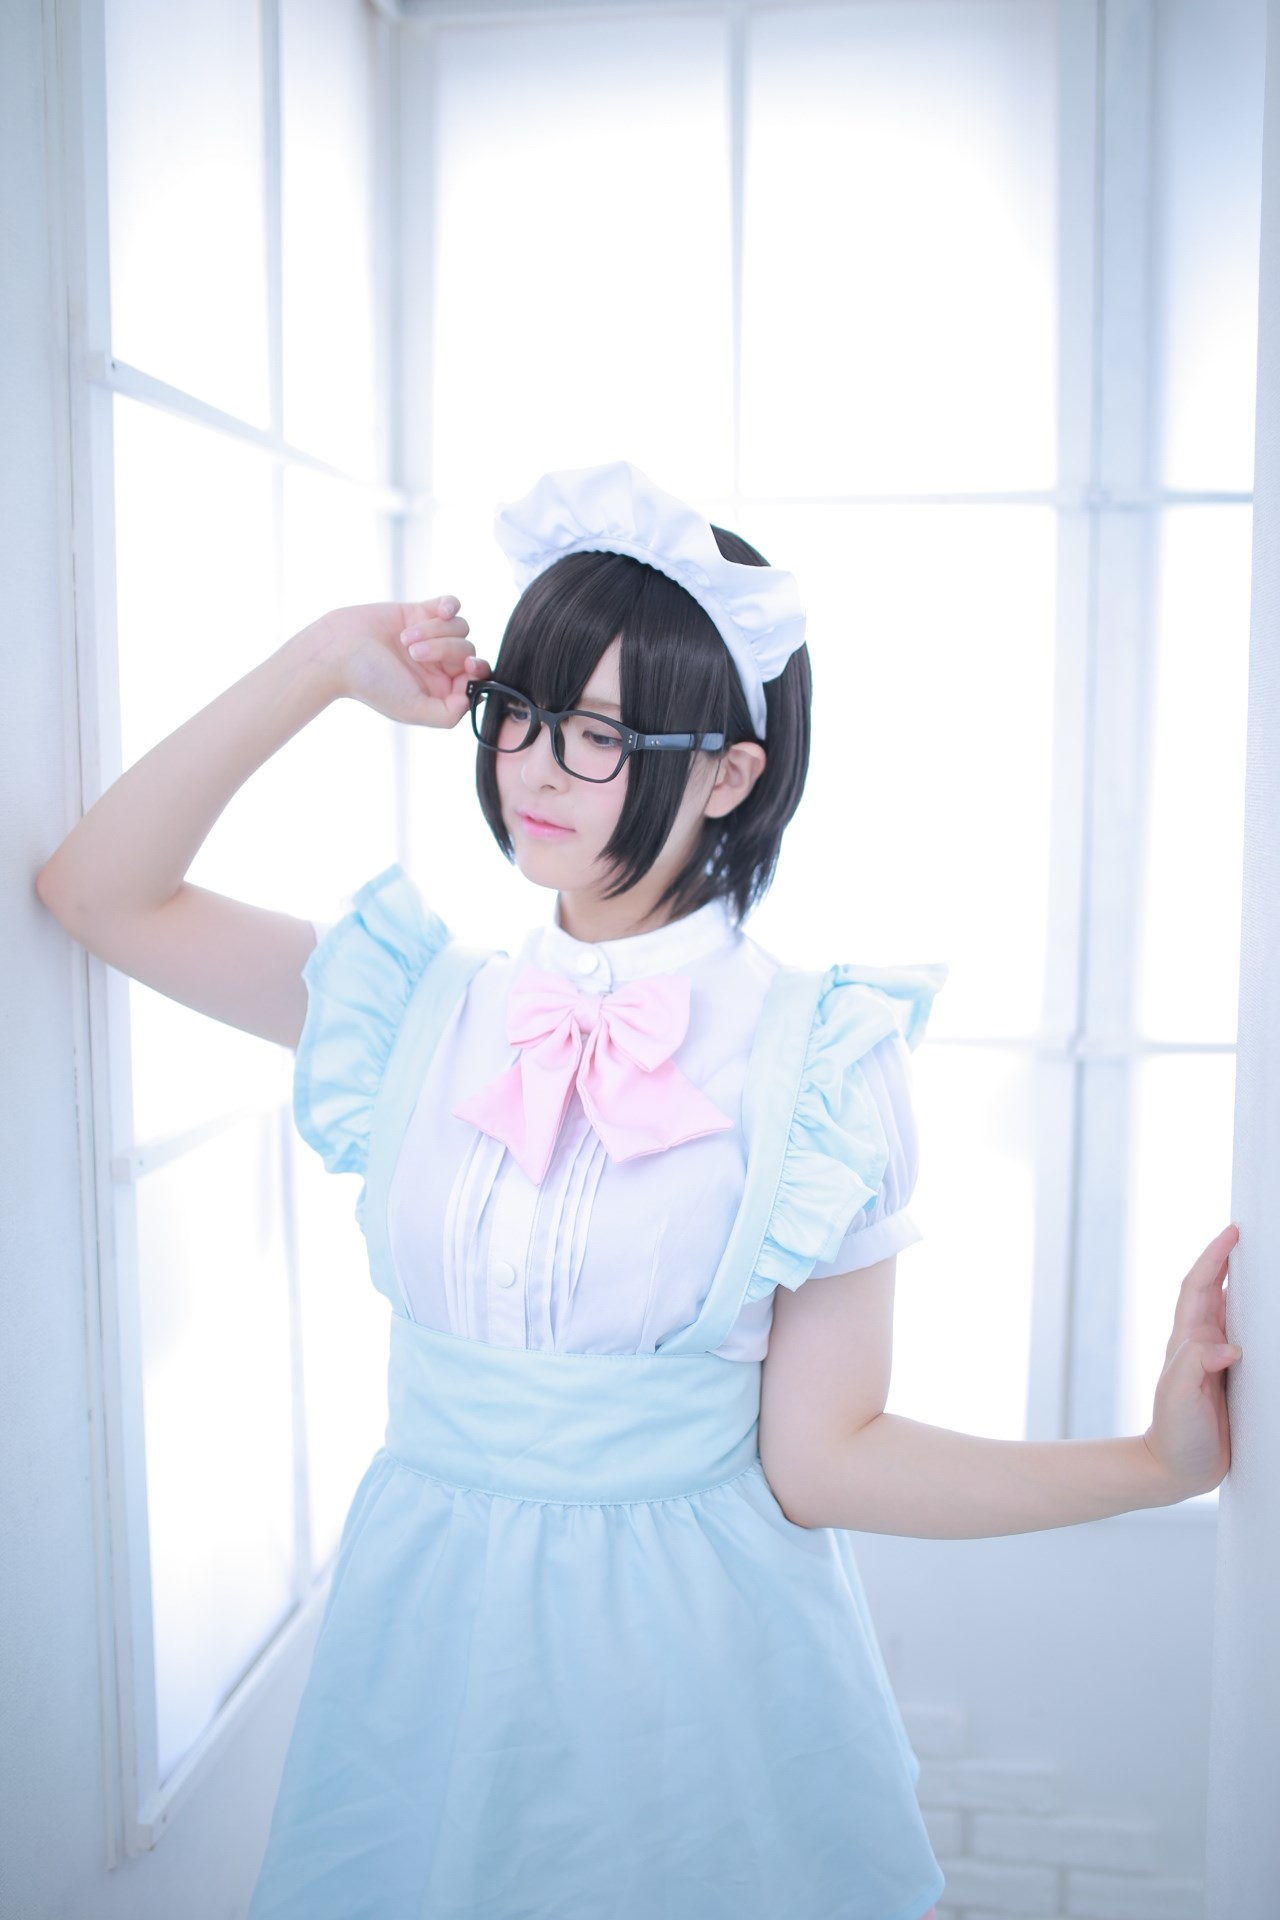 【兔玩映画】眼镜女仆 兔玩映画 第49张